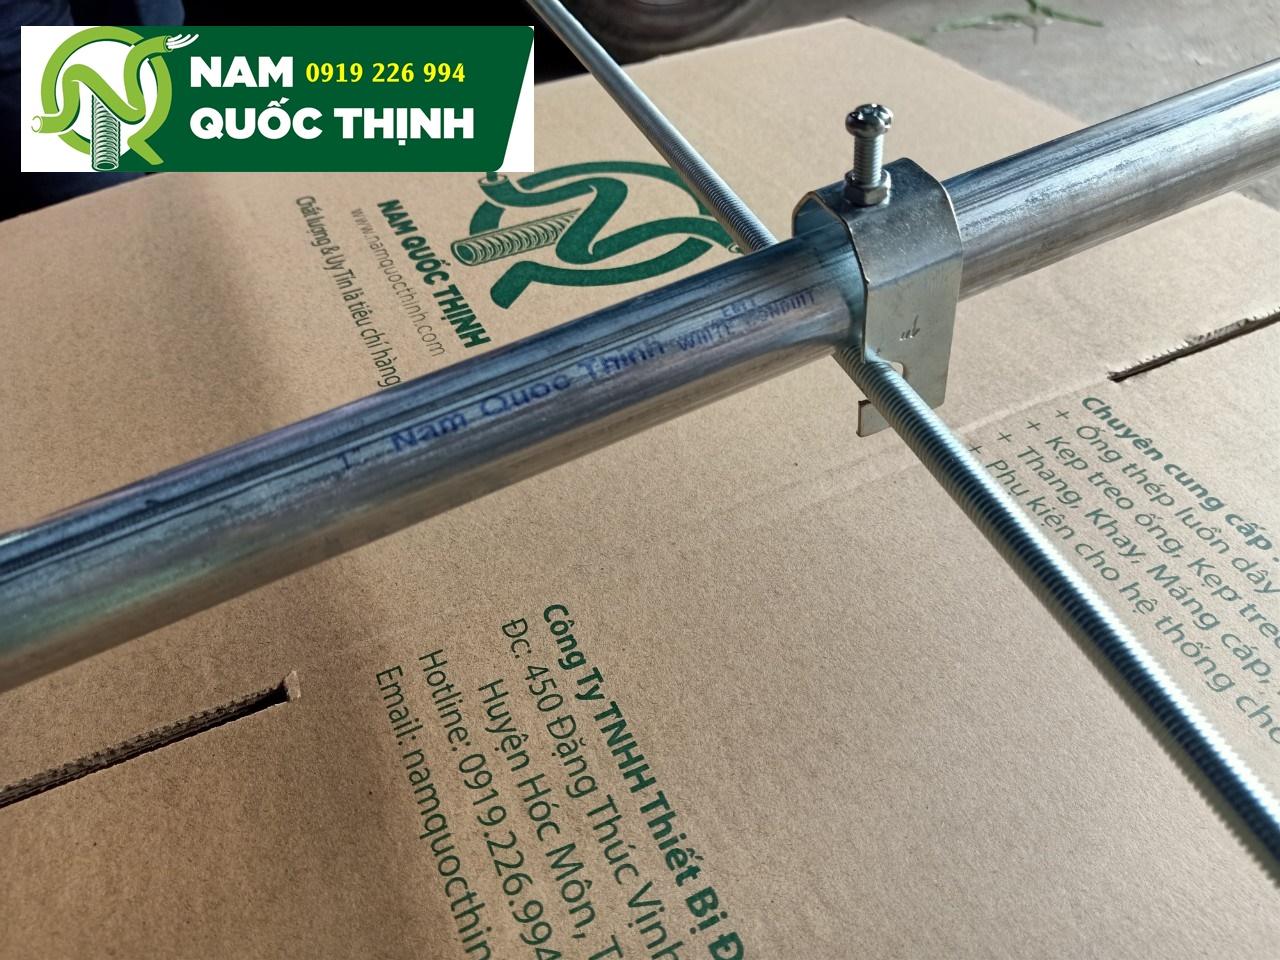 Lắp đặt kẹp treo ty ren và ống thép luồn dây điện 2